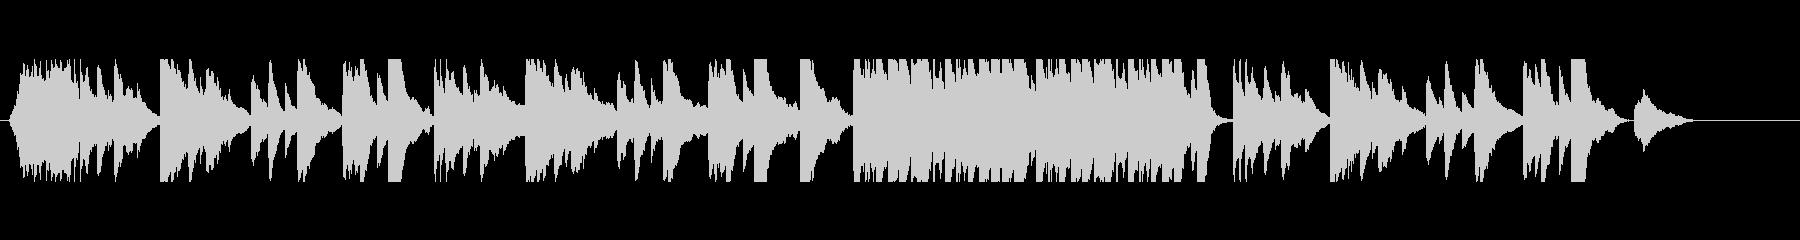 ピアノと弦楽器を使用した回想シーンの未再生の波形